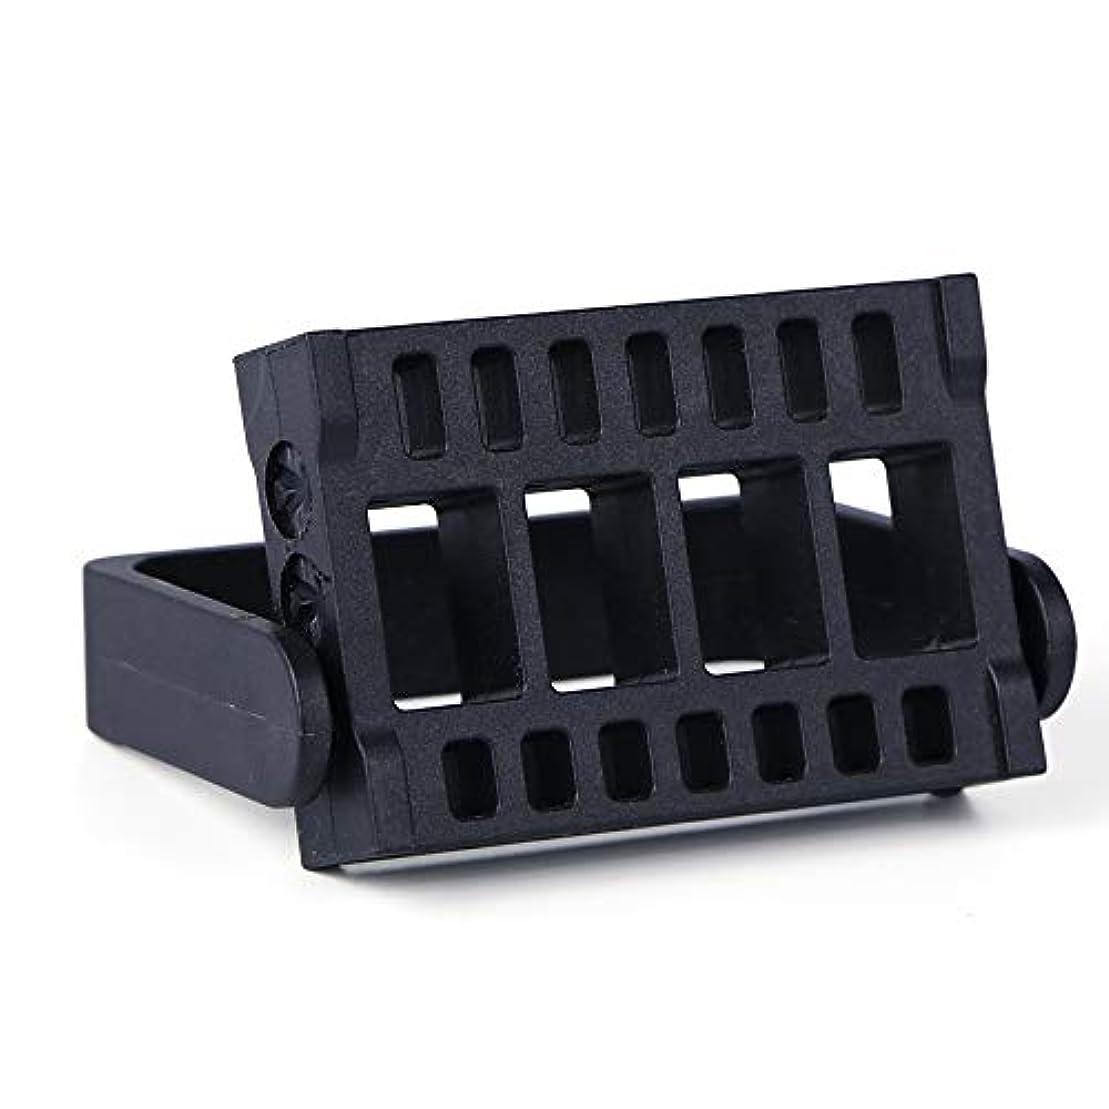 にんじん不公平キャンセル1本16穴ネイルドリルビットホルダー展示スタンドディスプレイボックス電気ネイルファイルコンテナマニキュアツール